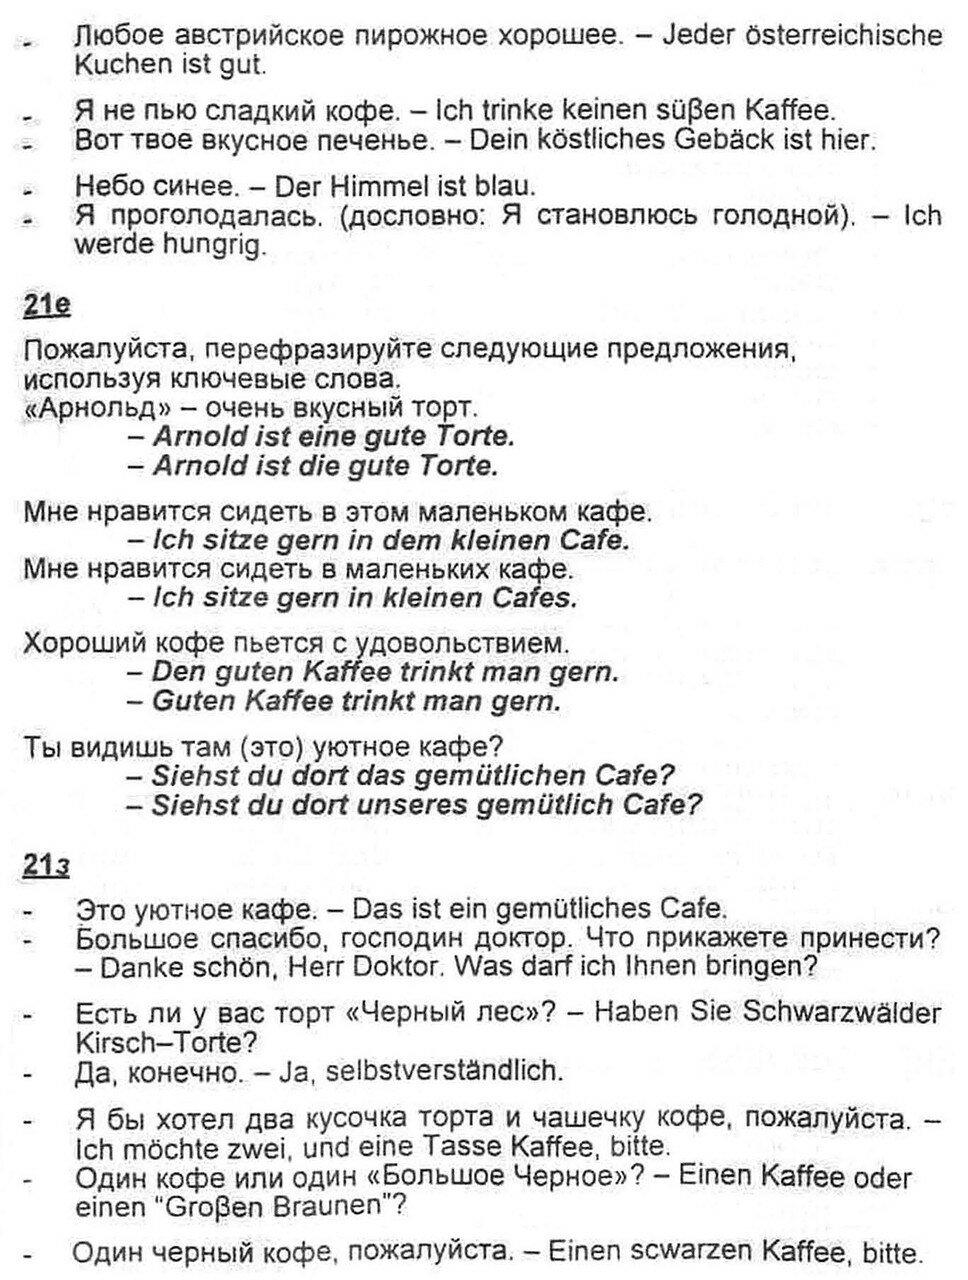 """Аудиокурс немецкого языка для самостоятельного изучения. Урок 21. """"Разговор об отдыхе. Кафе"""""""